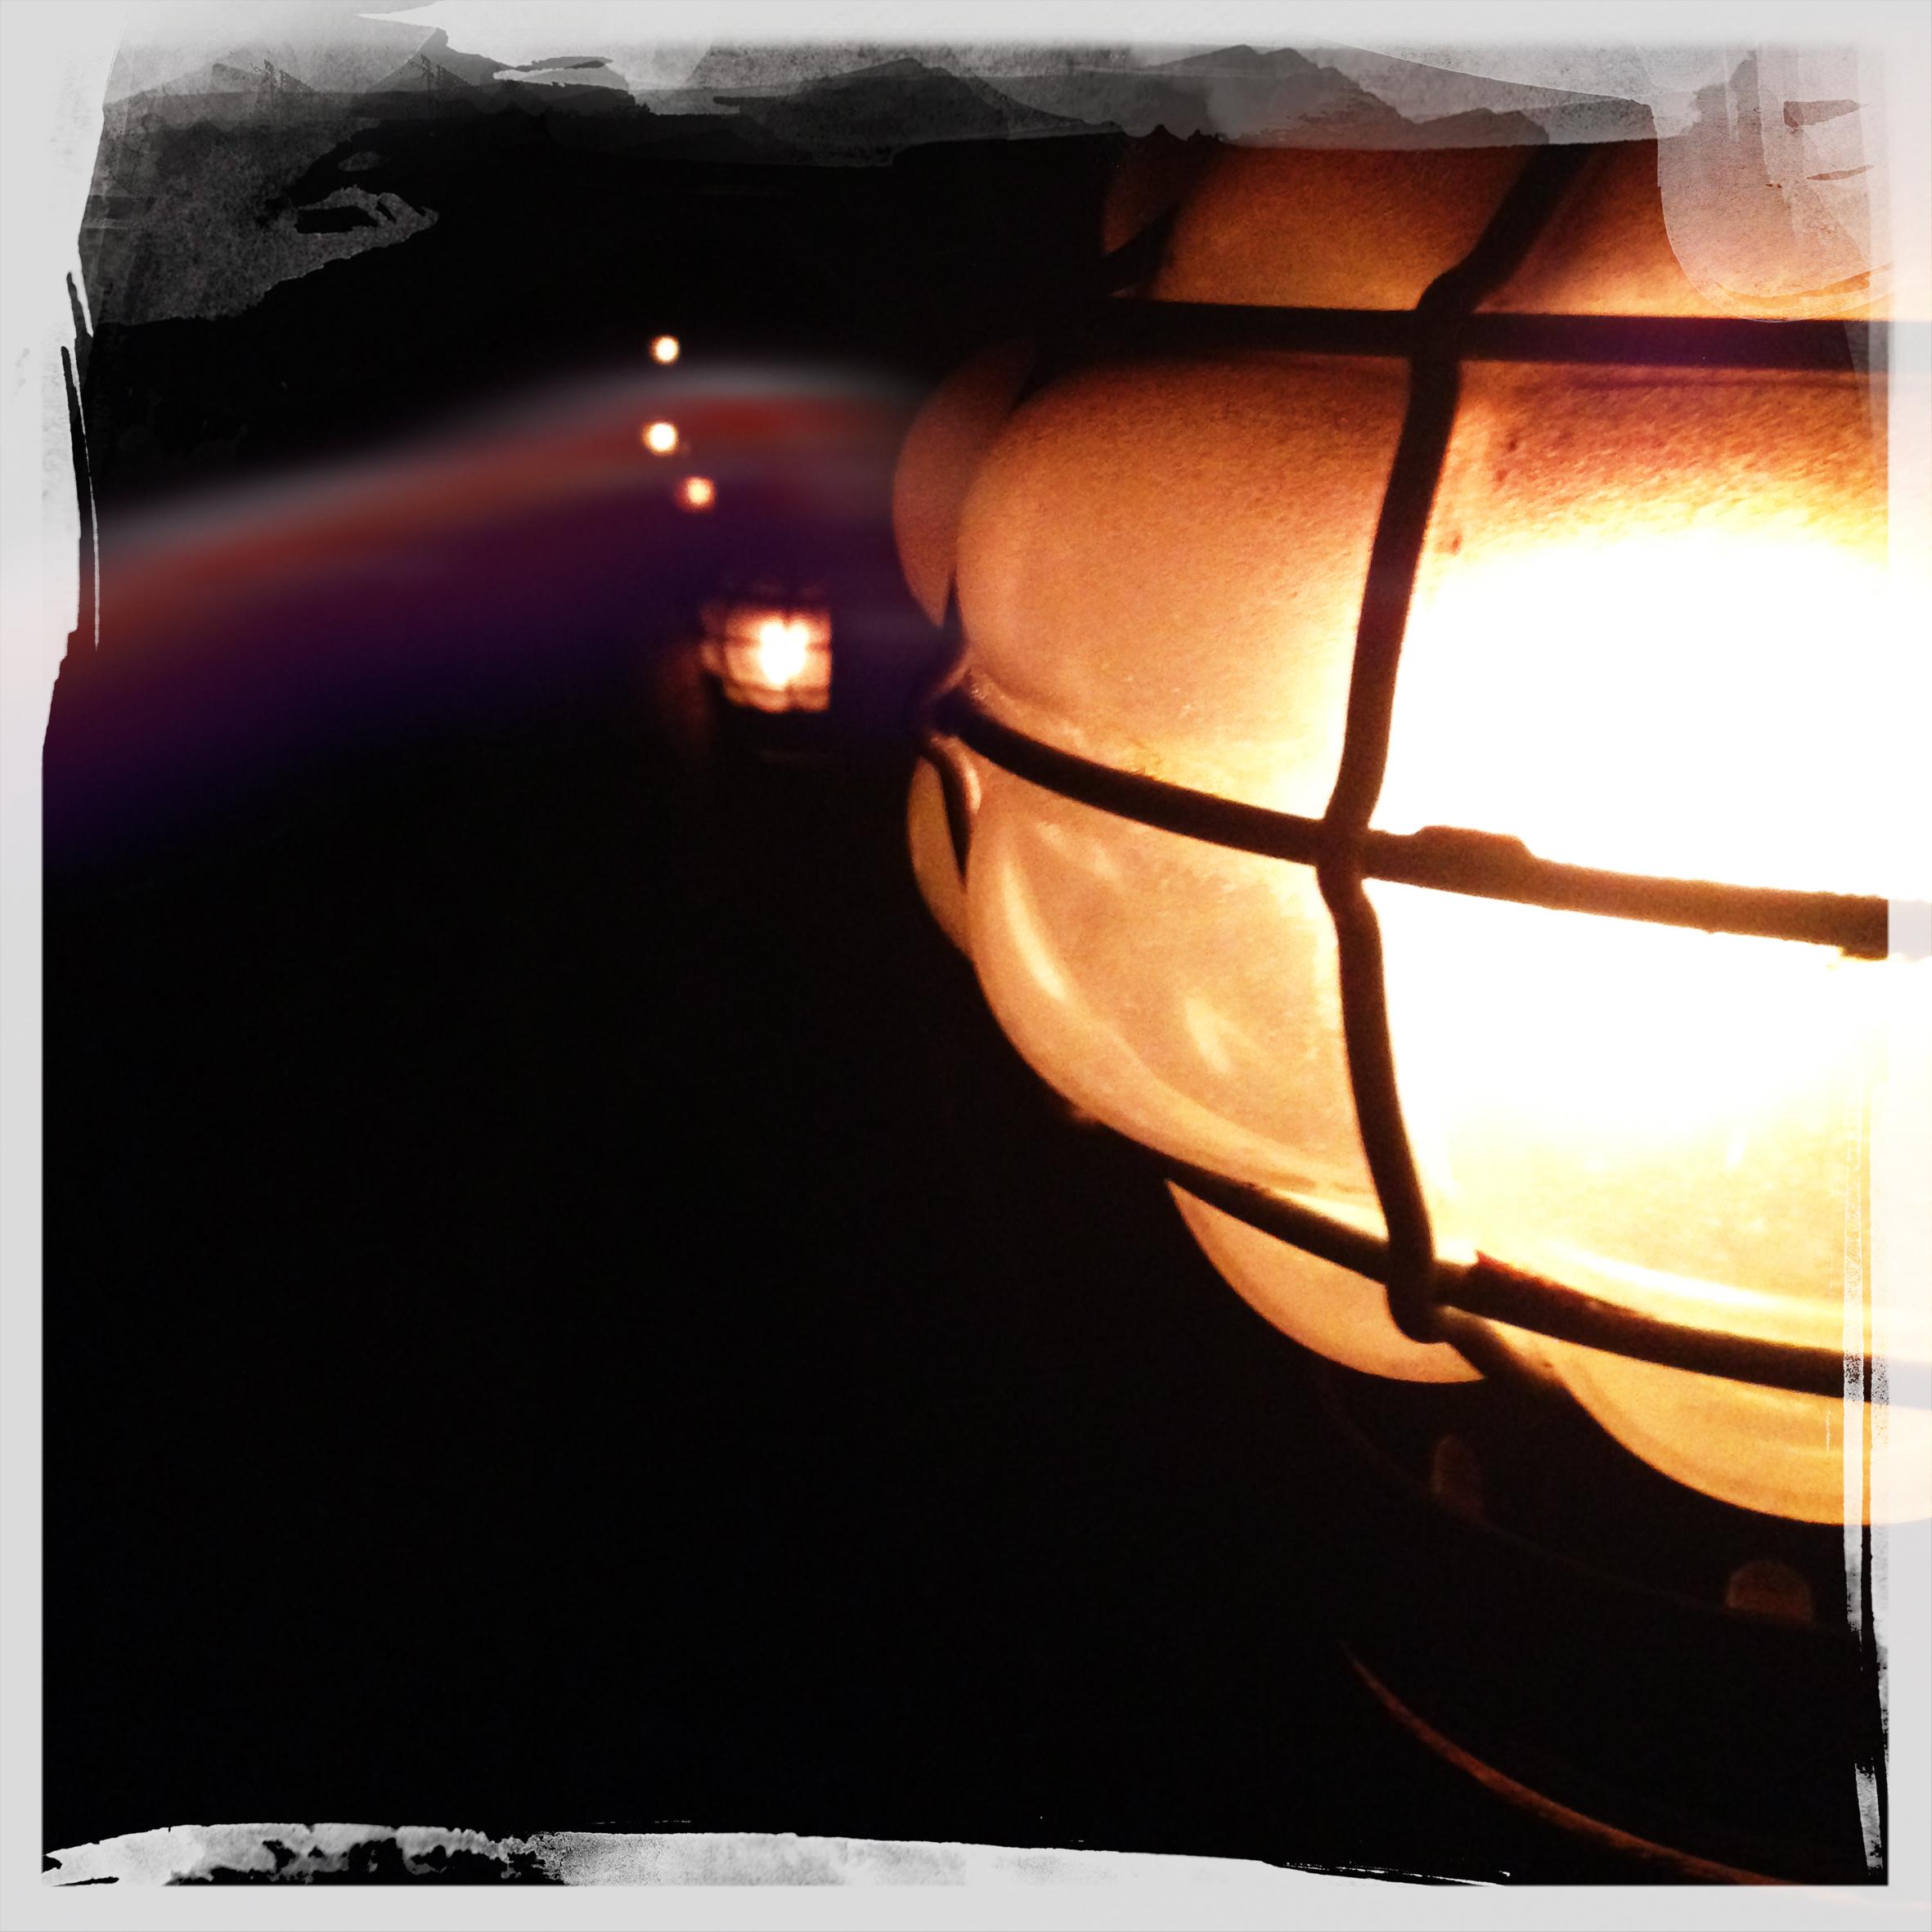 lampjes.jpg